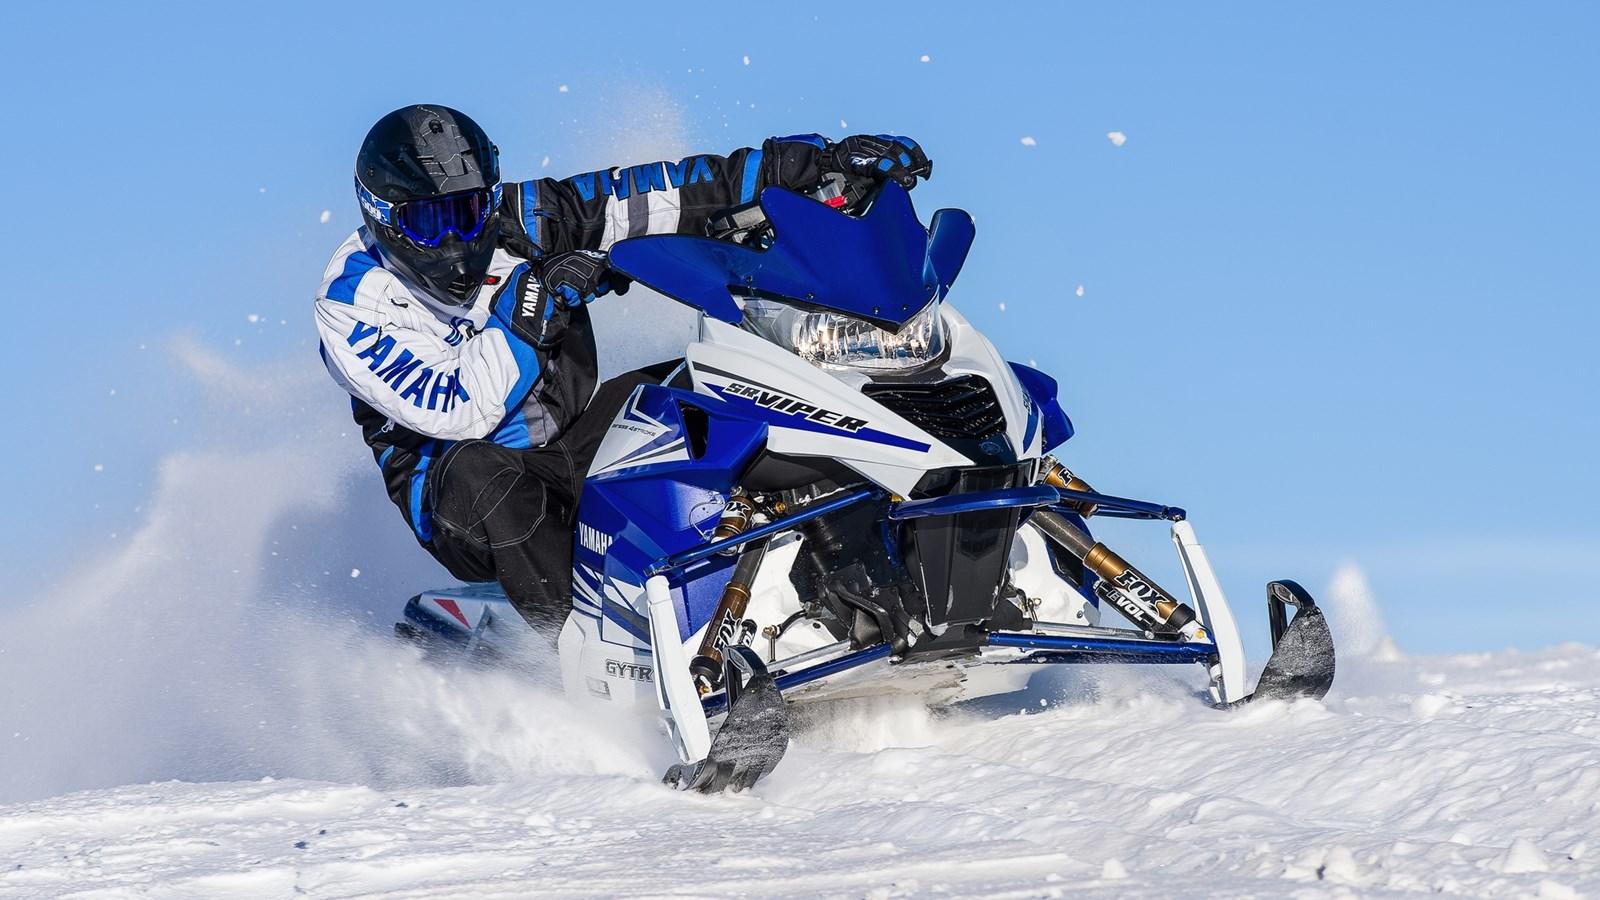 2015-Yamaha-SRViper-R-TX-LE-EU-Racing-Bl